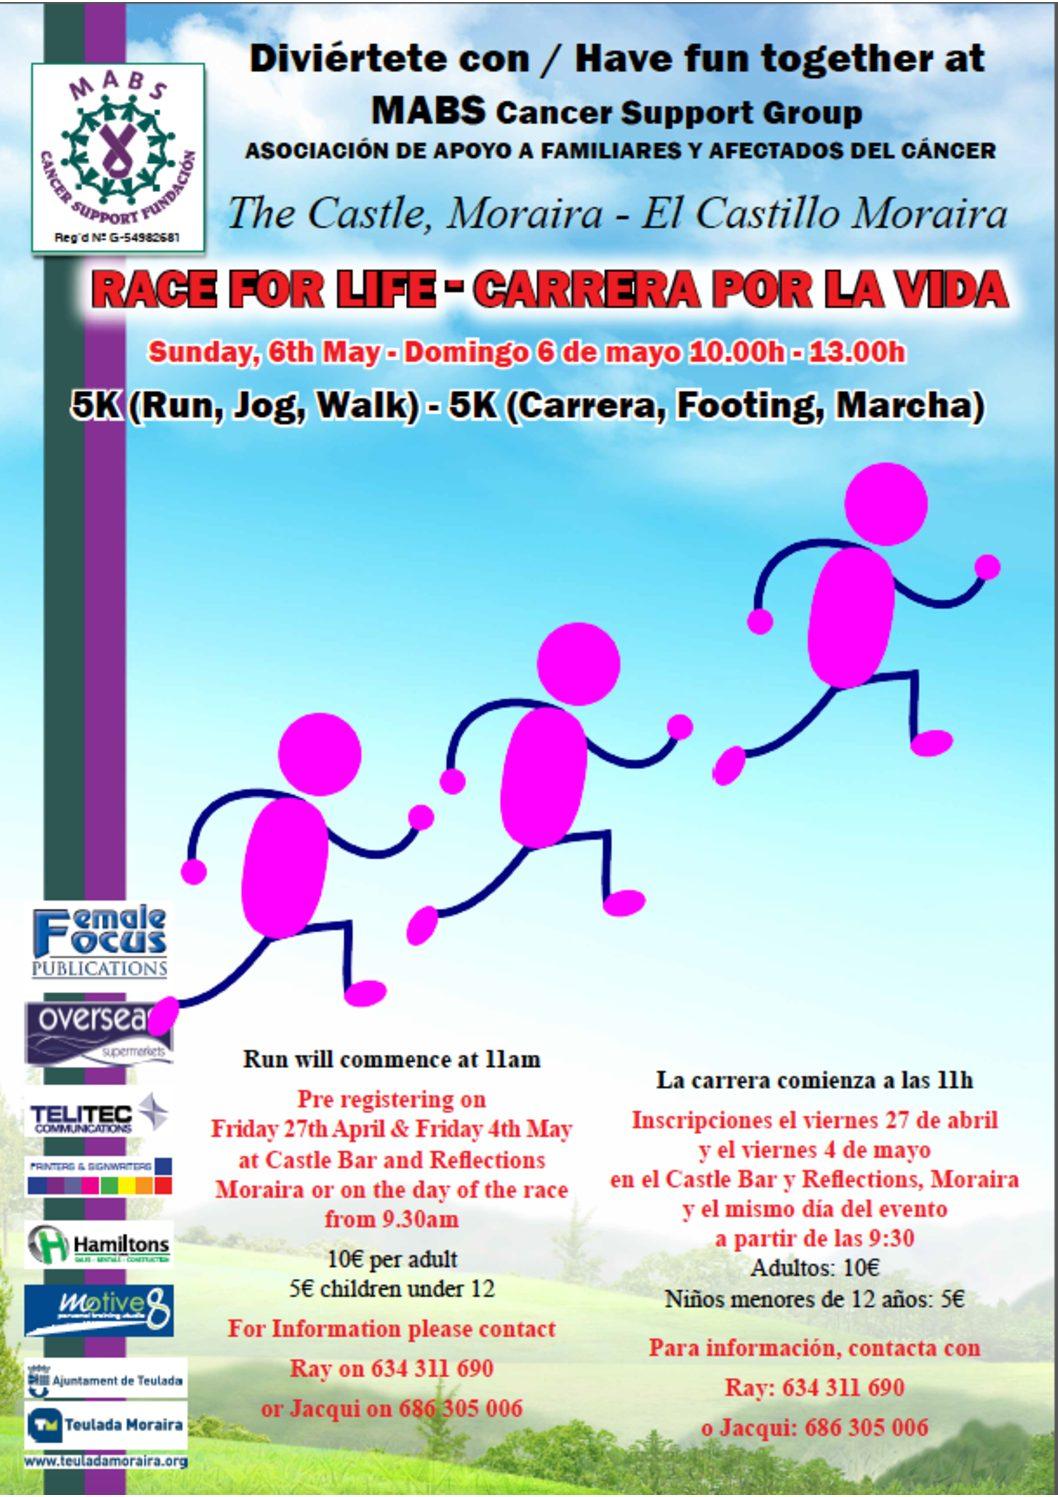 MABS 7A_Race for life_Carrera por la vida